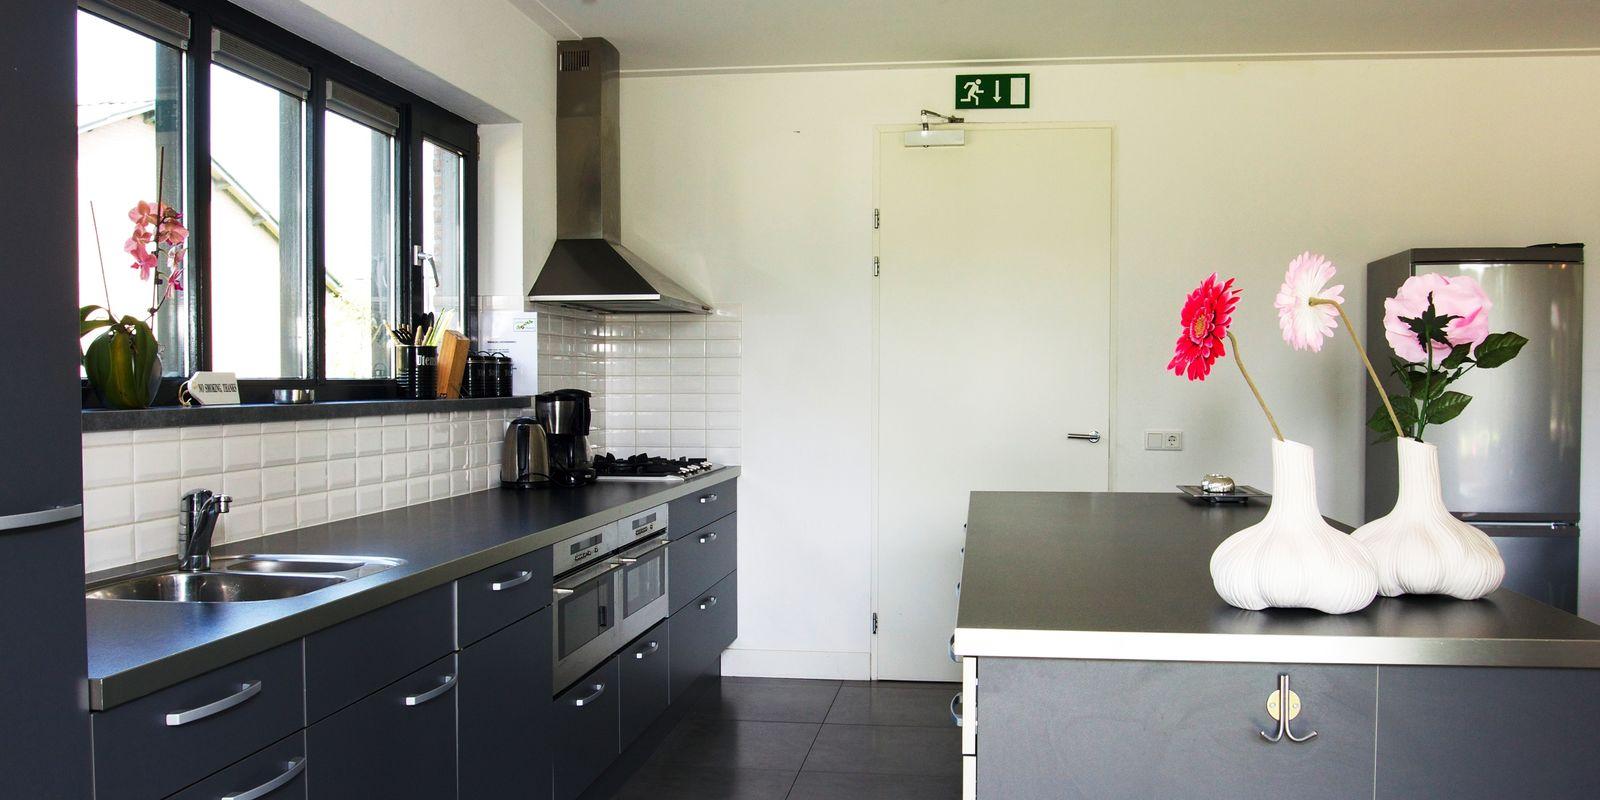 Afbeelding van Jonne's Hoeve - vakantiehuis voor groepen in midden-Nederland